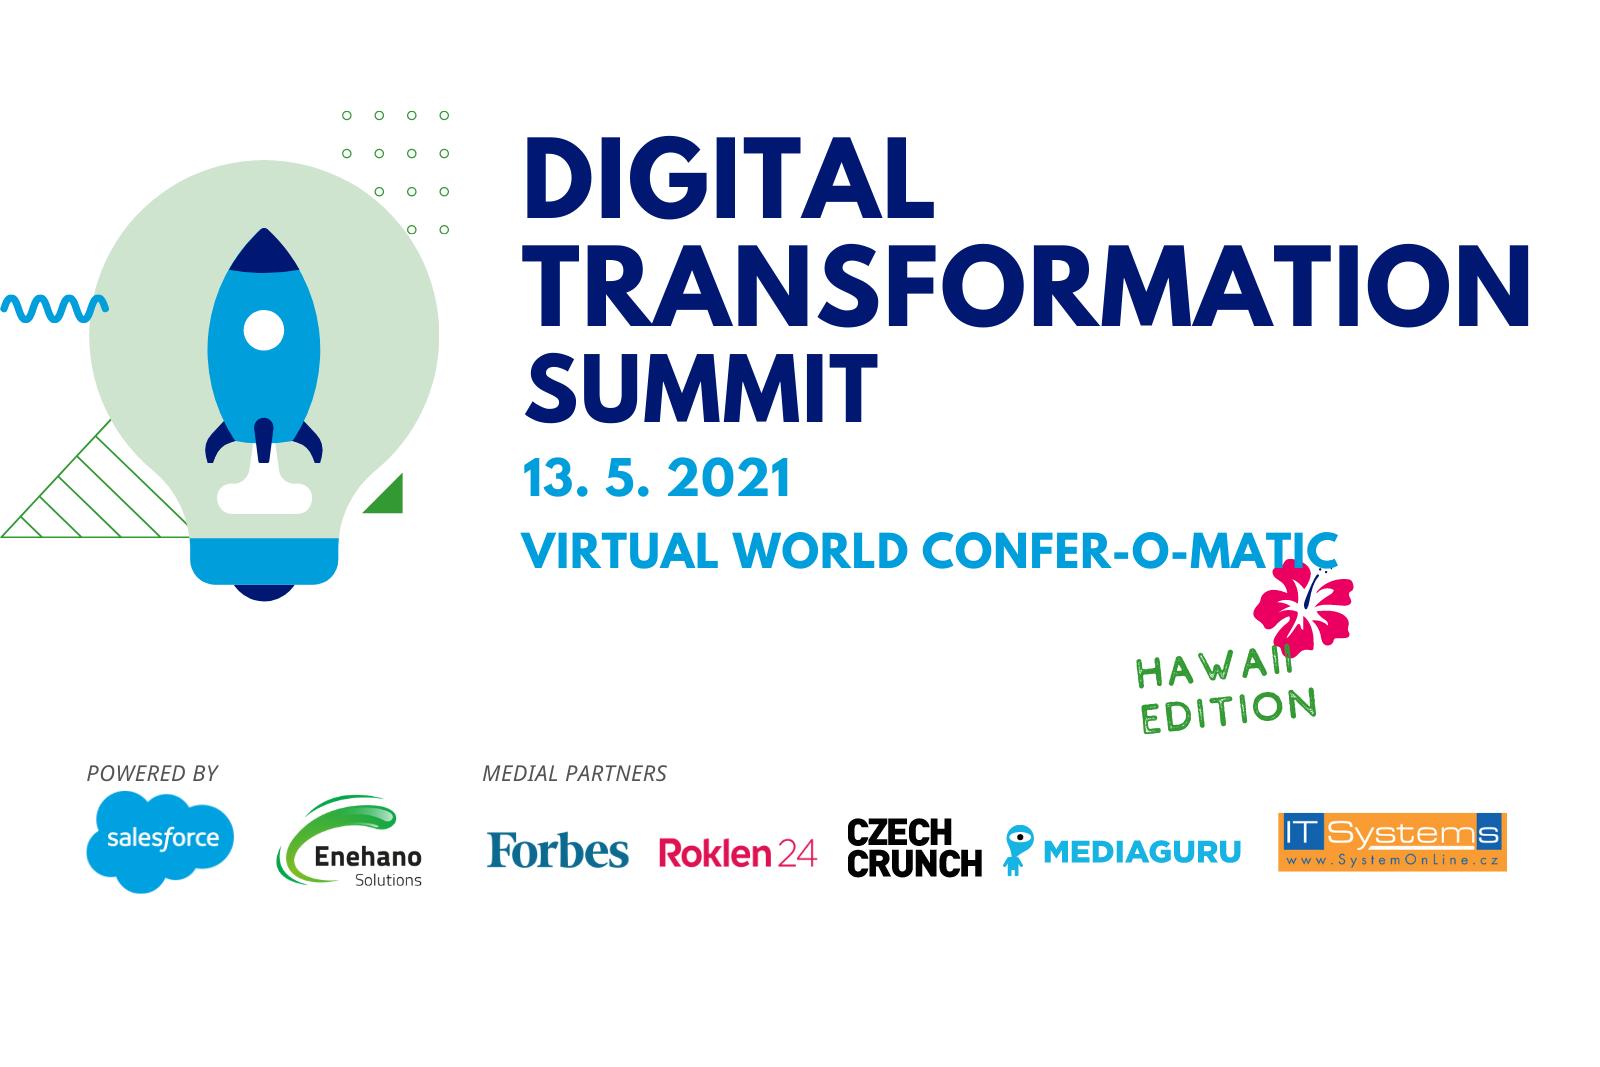 Digital Transformation Summit ukáže nové možnosti automatizace a digitální transformace firem